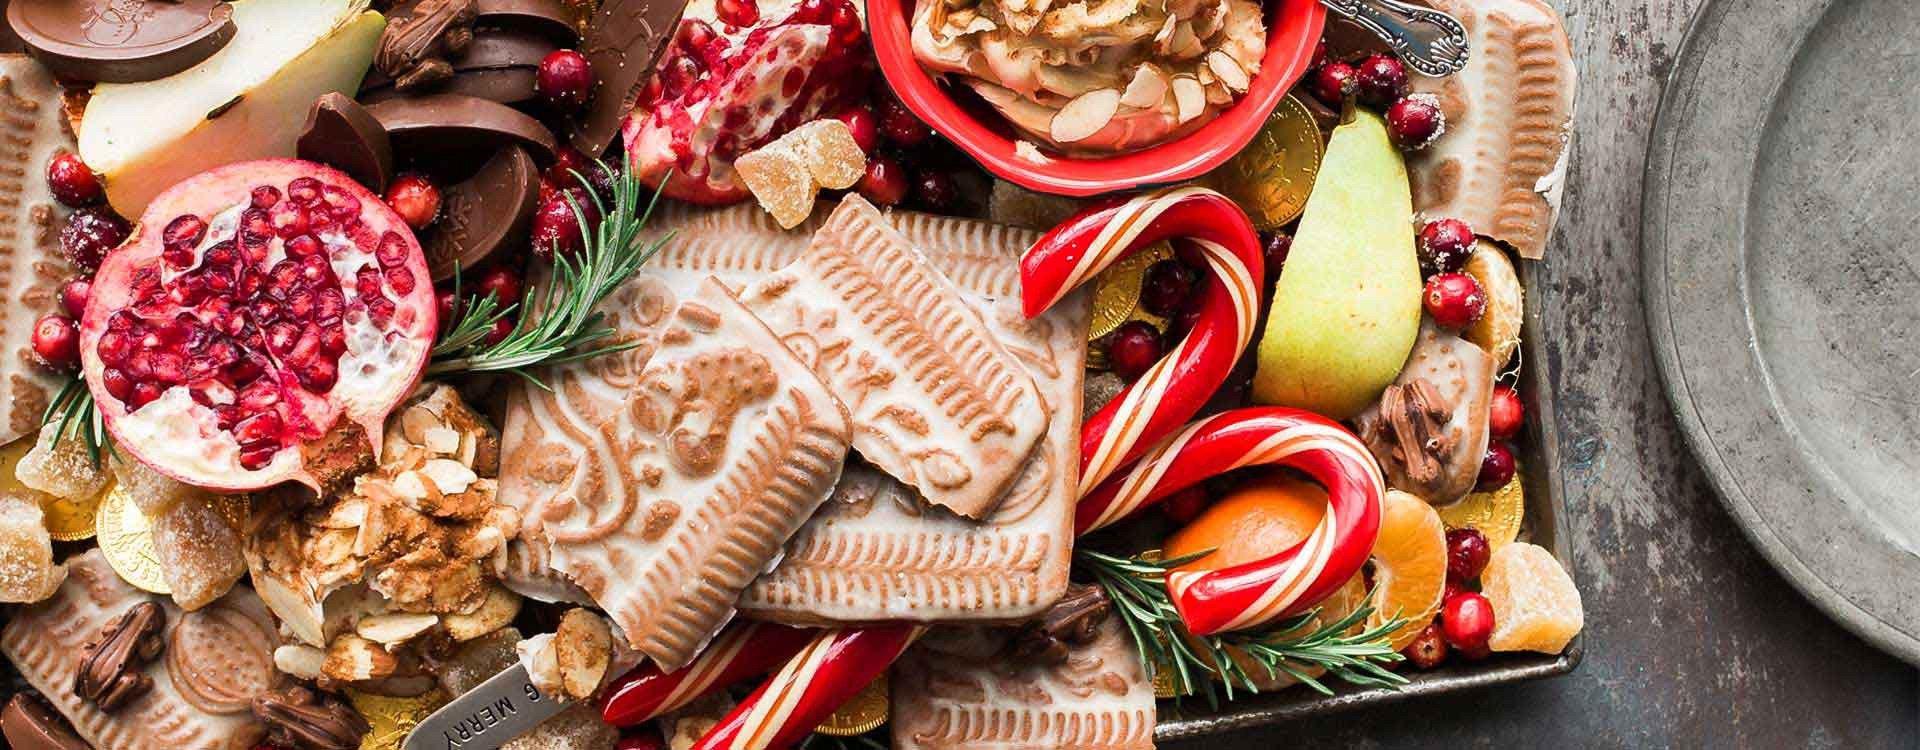 Tradycyjne przekąski świąteczne z nutą nowoczesności